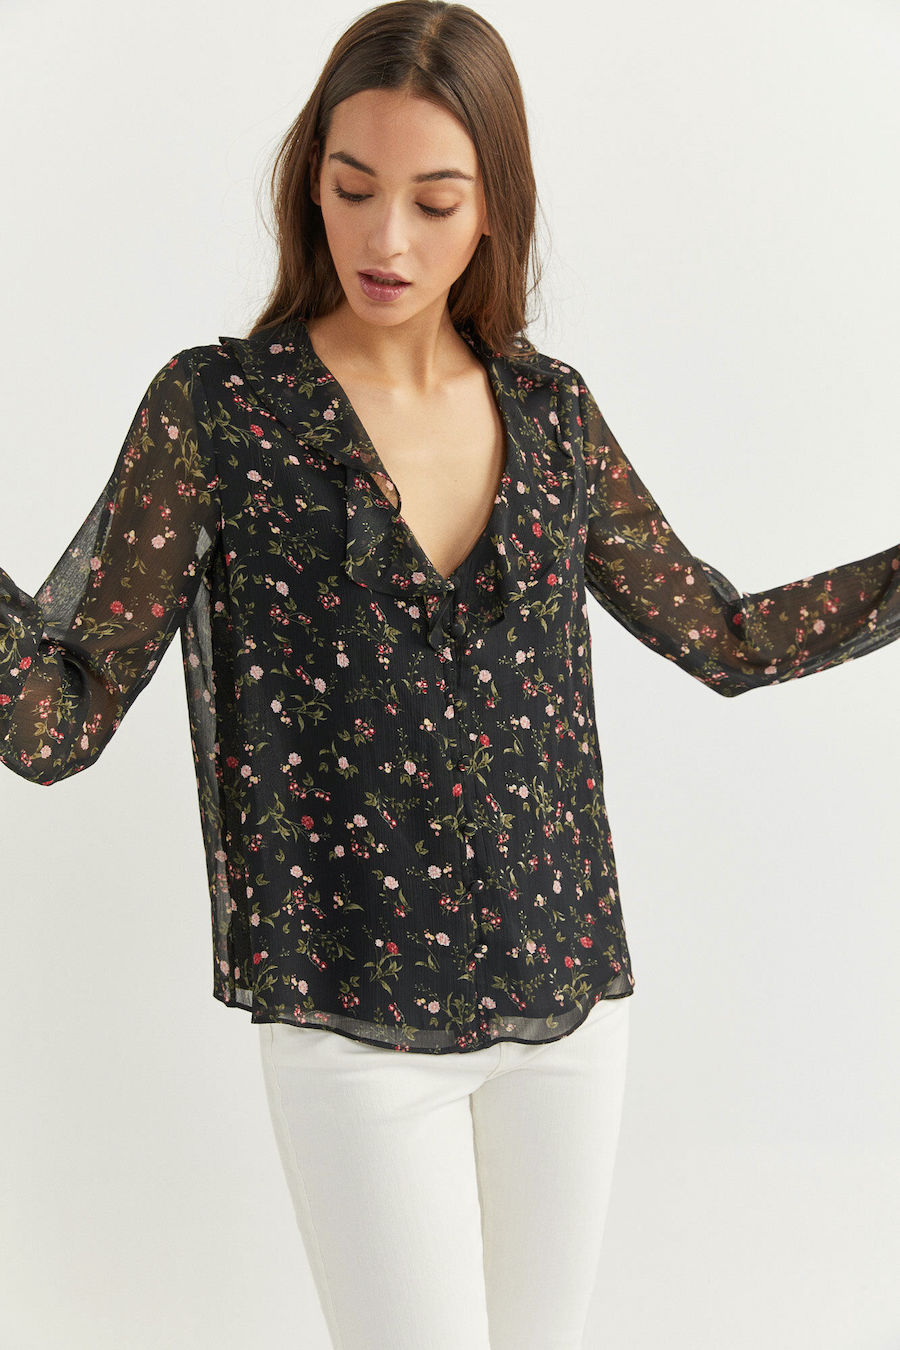 Blusa de manga larga, con escote de pico con detalle de volantes, con botones y estampada.